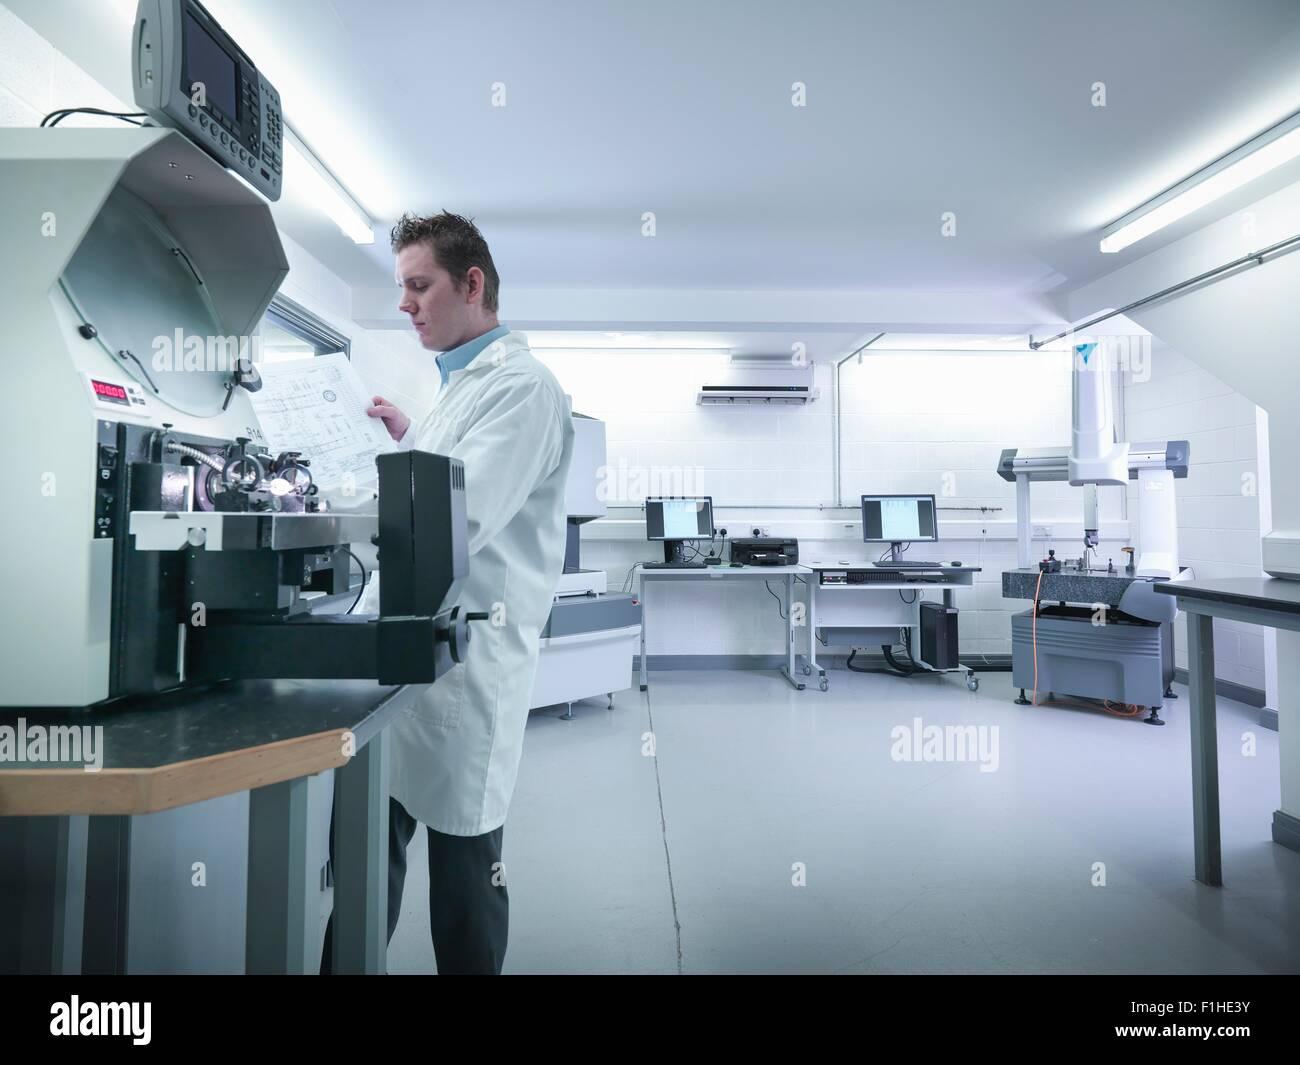 Qualitätskontrolle-Ingenieur Teile in Qualitätskontrolle Raum messen Stockbild